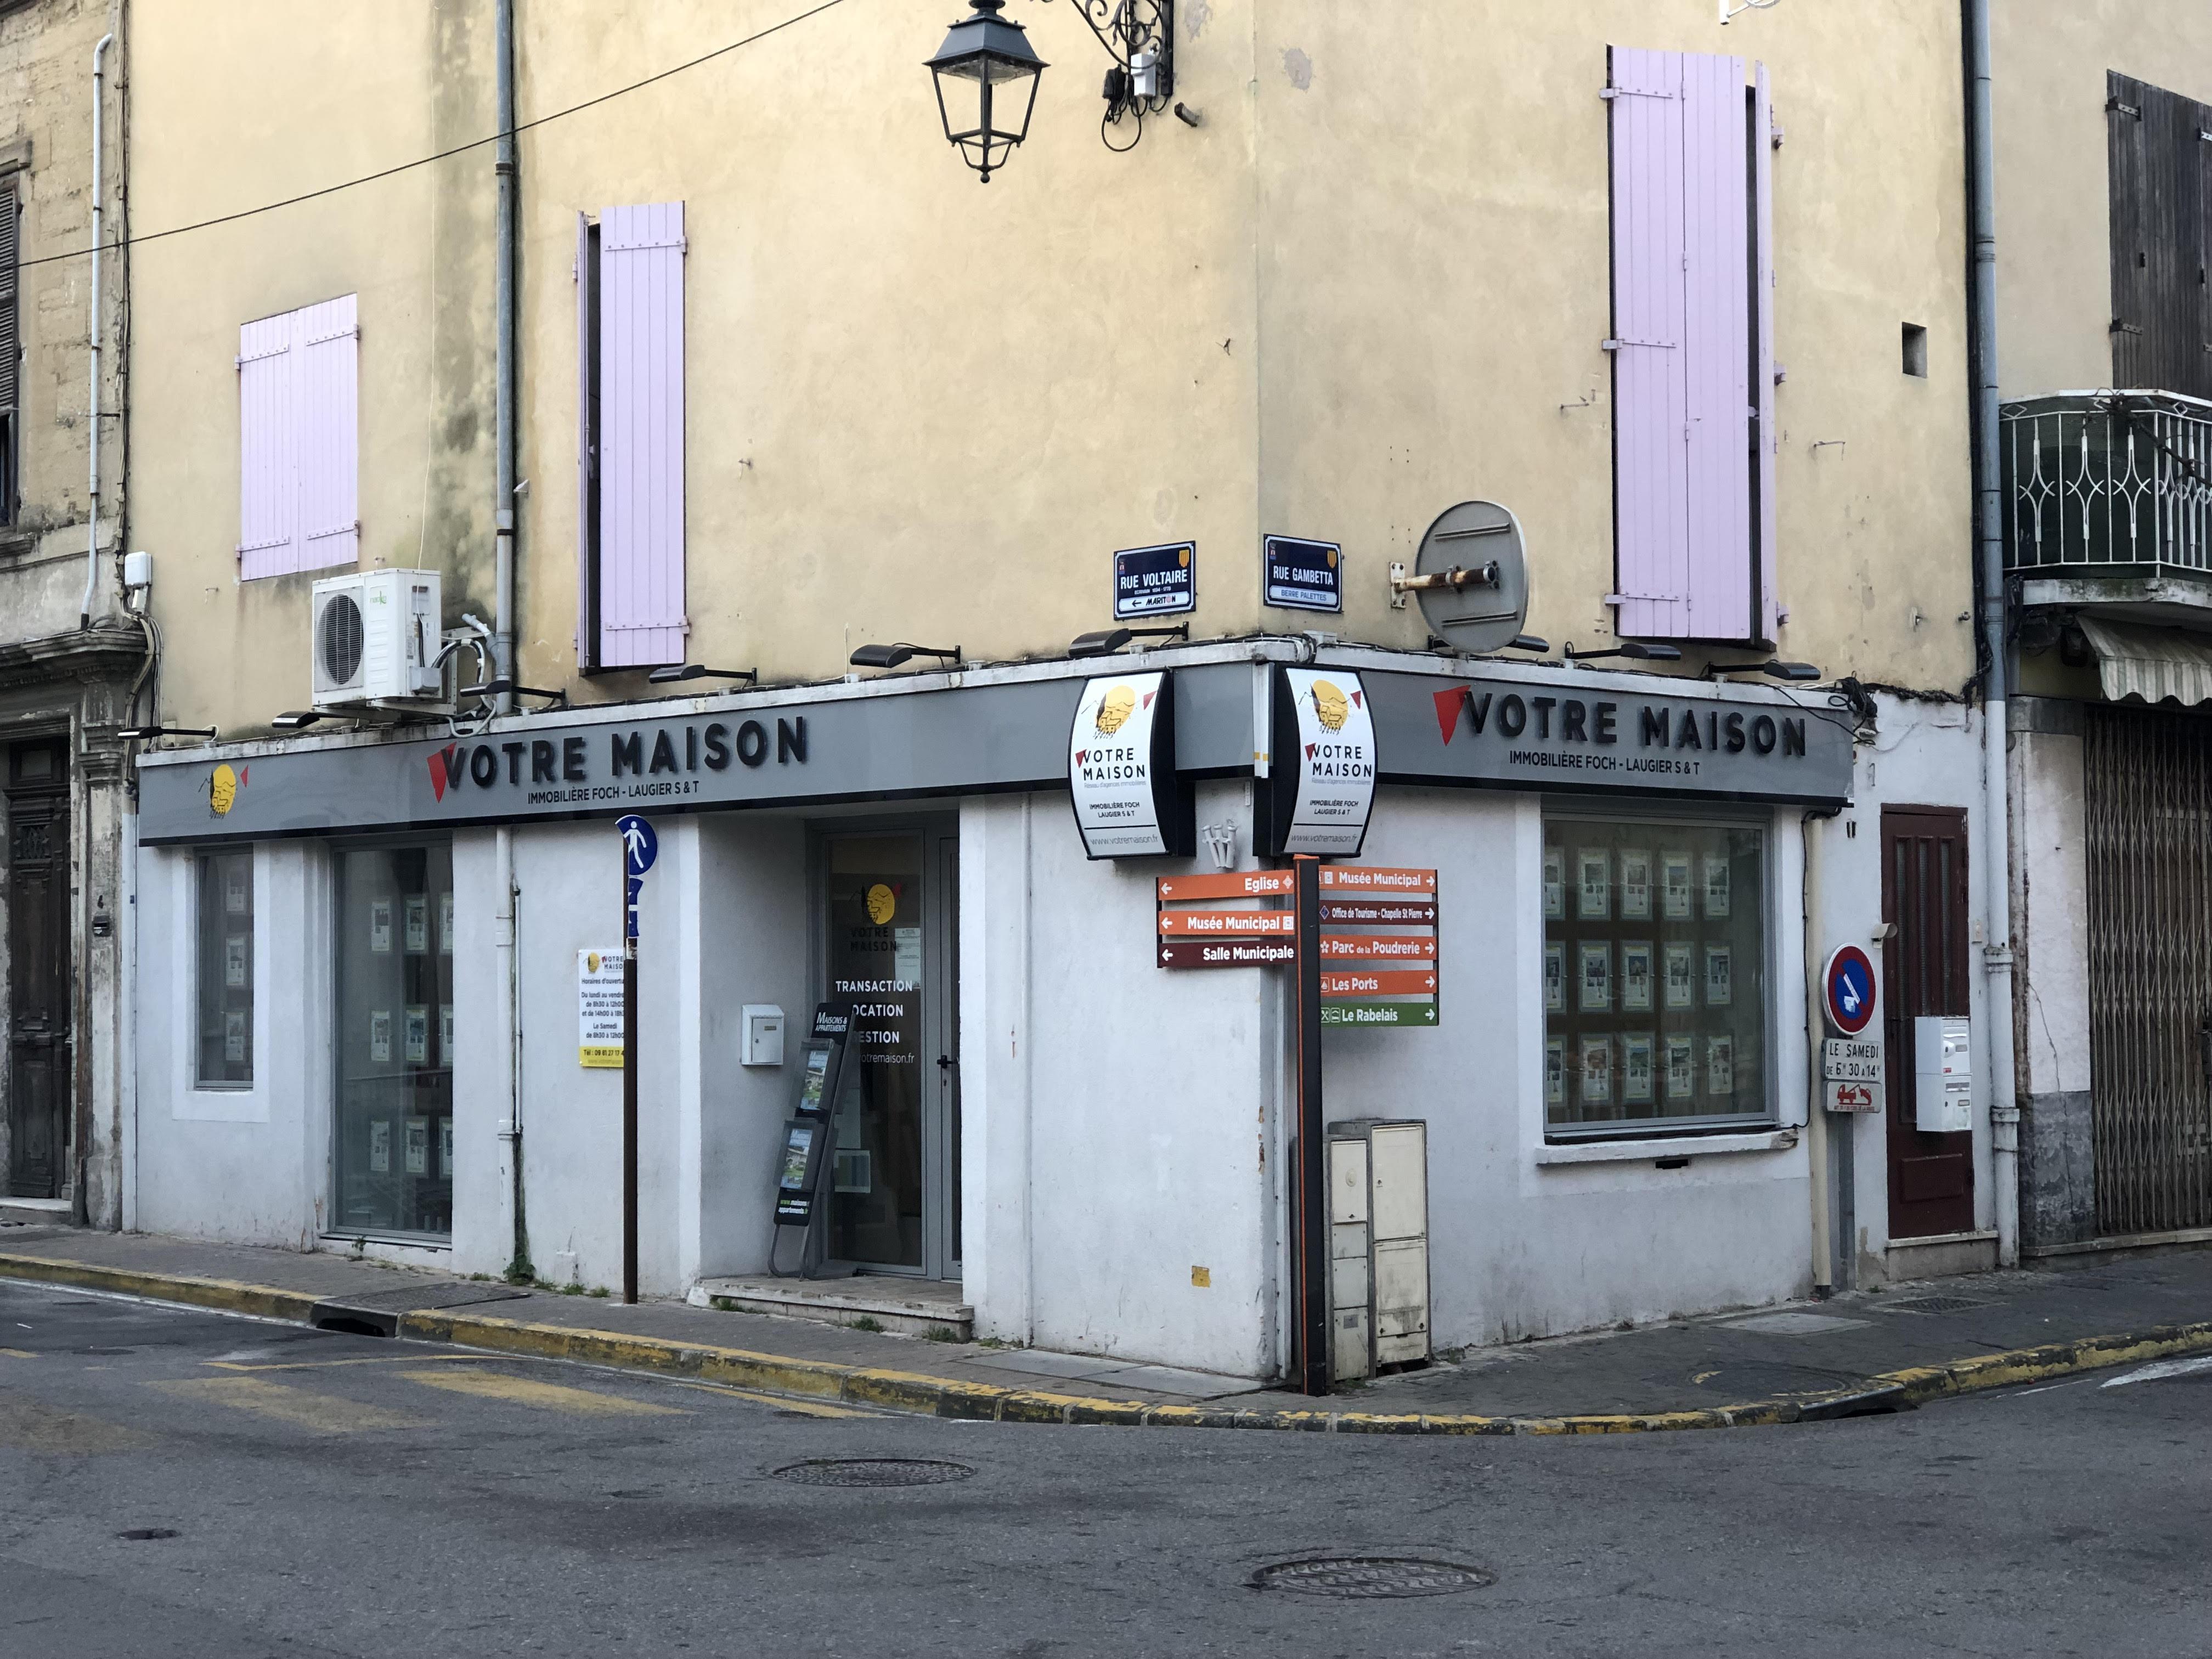 Votre Maison -  Agence Immobilière Saint-chamas  Saint Chamas